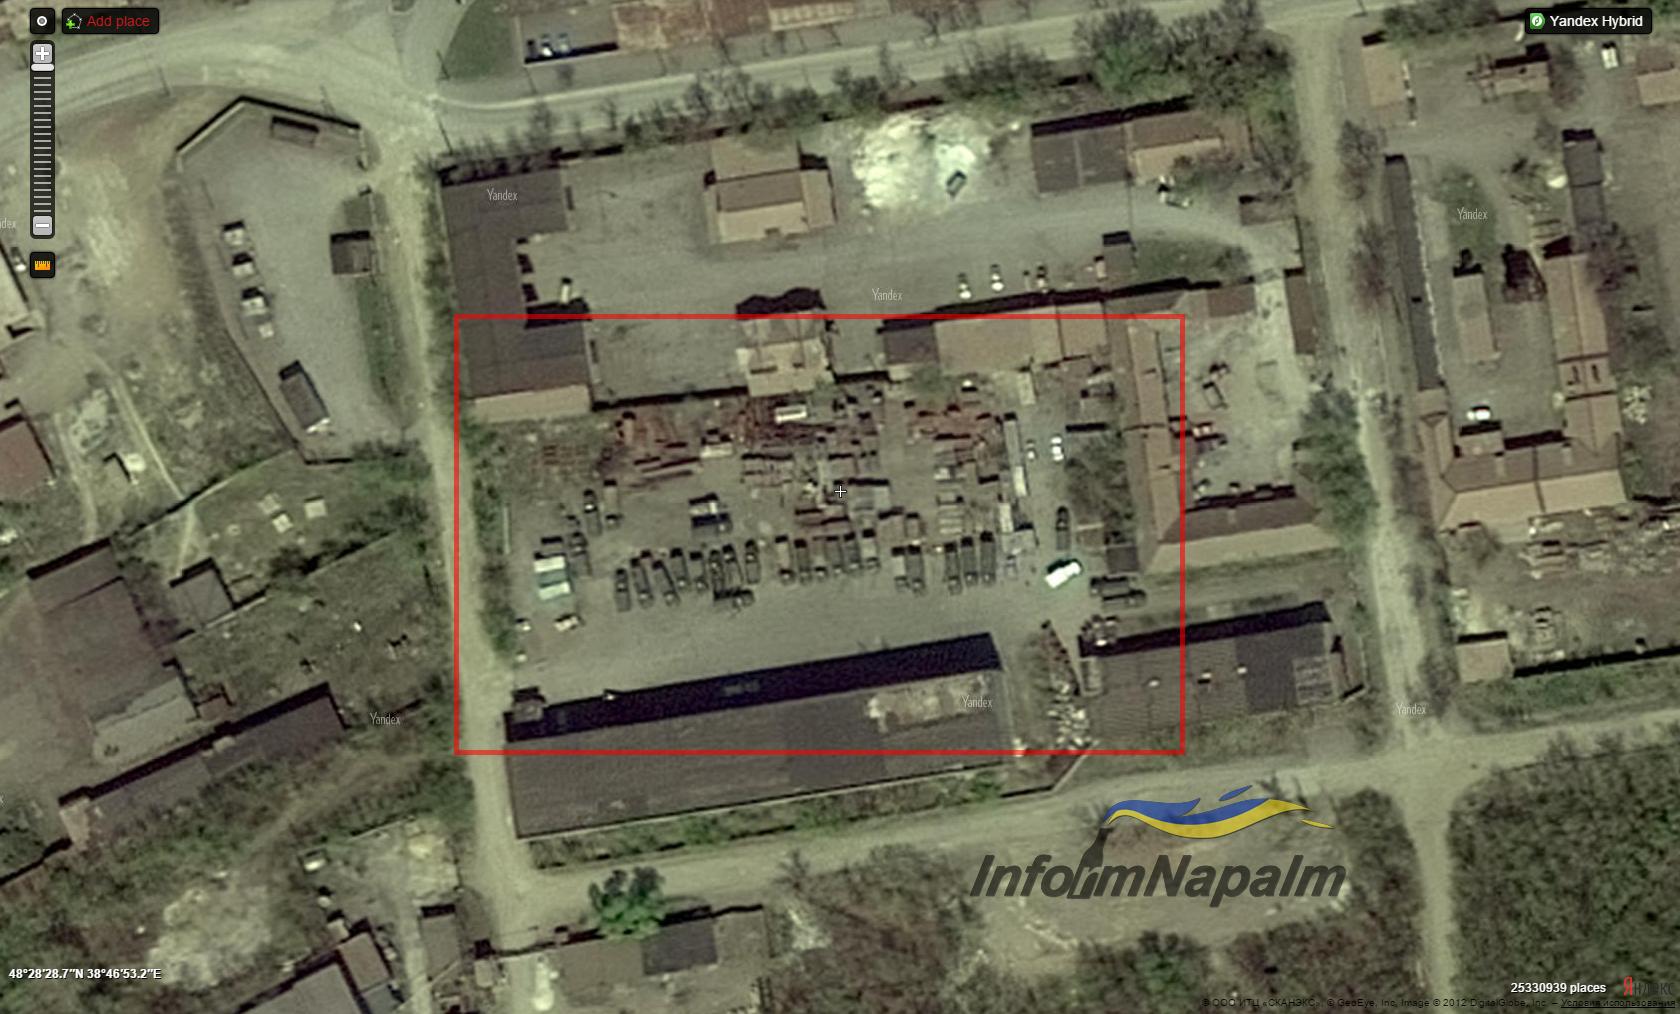 Яндекс выдал все координаты врага на Донбассе